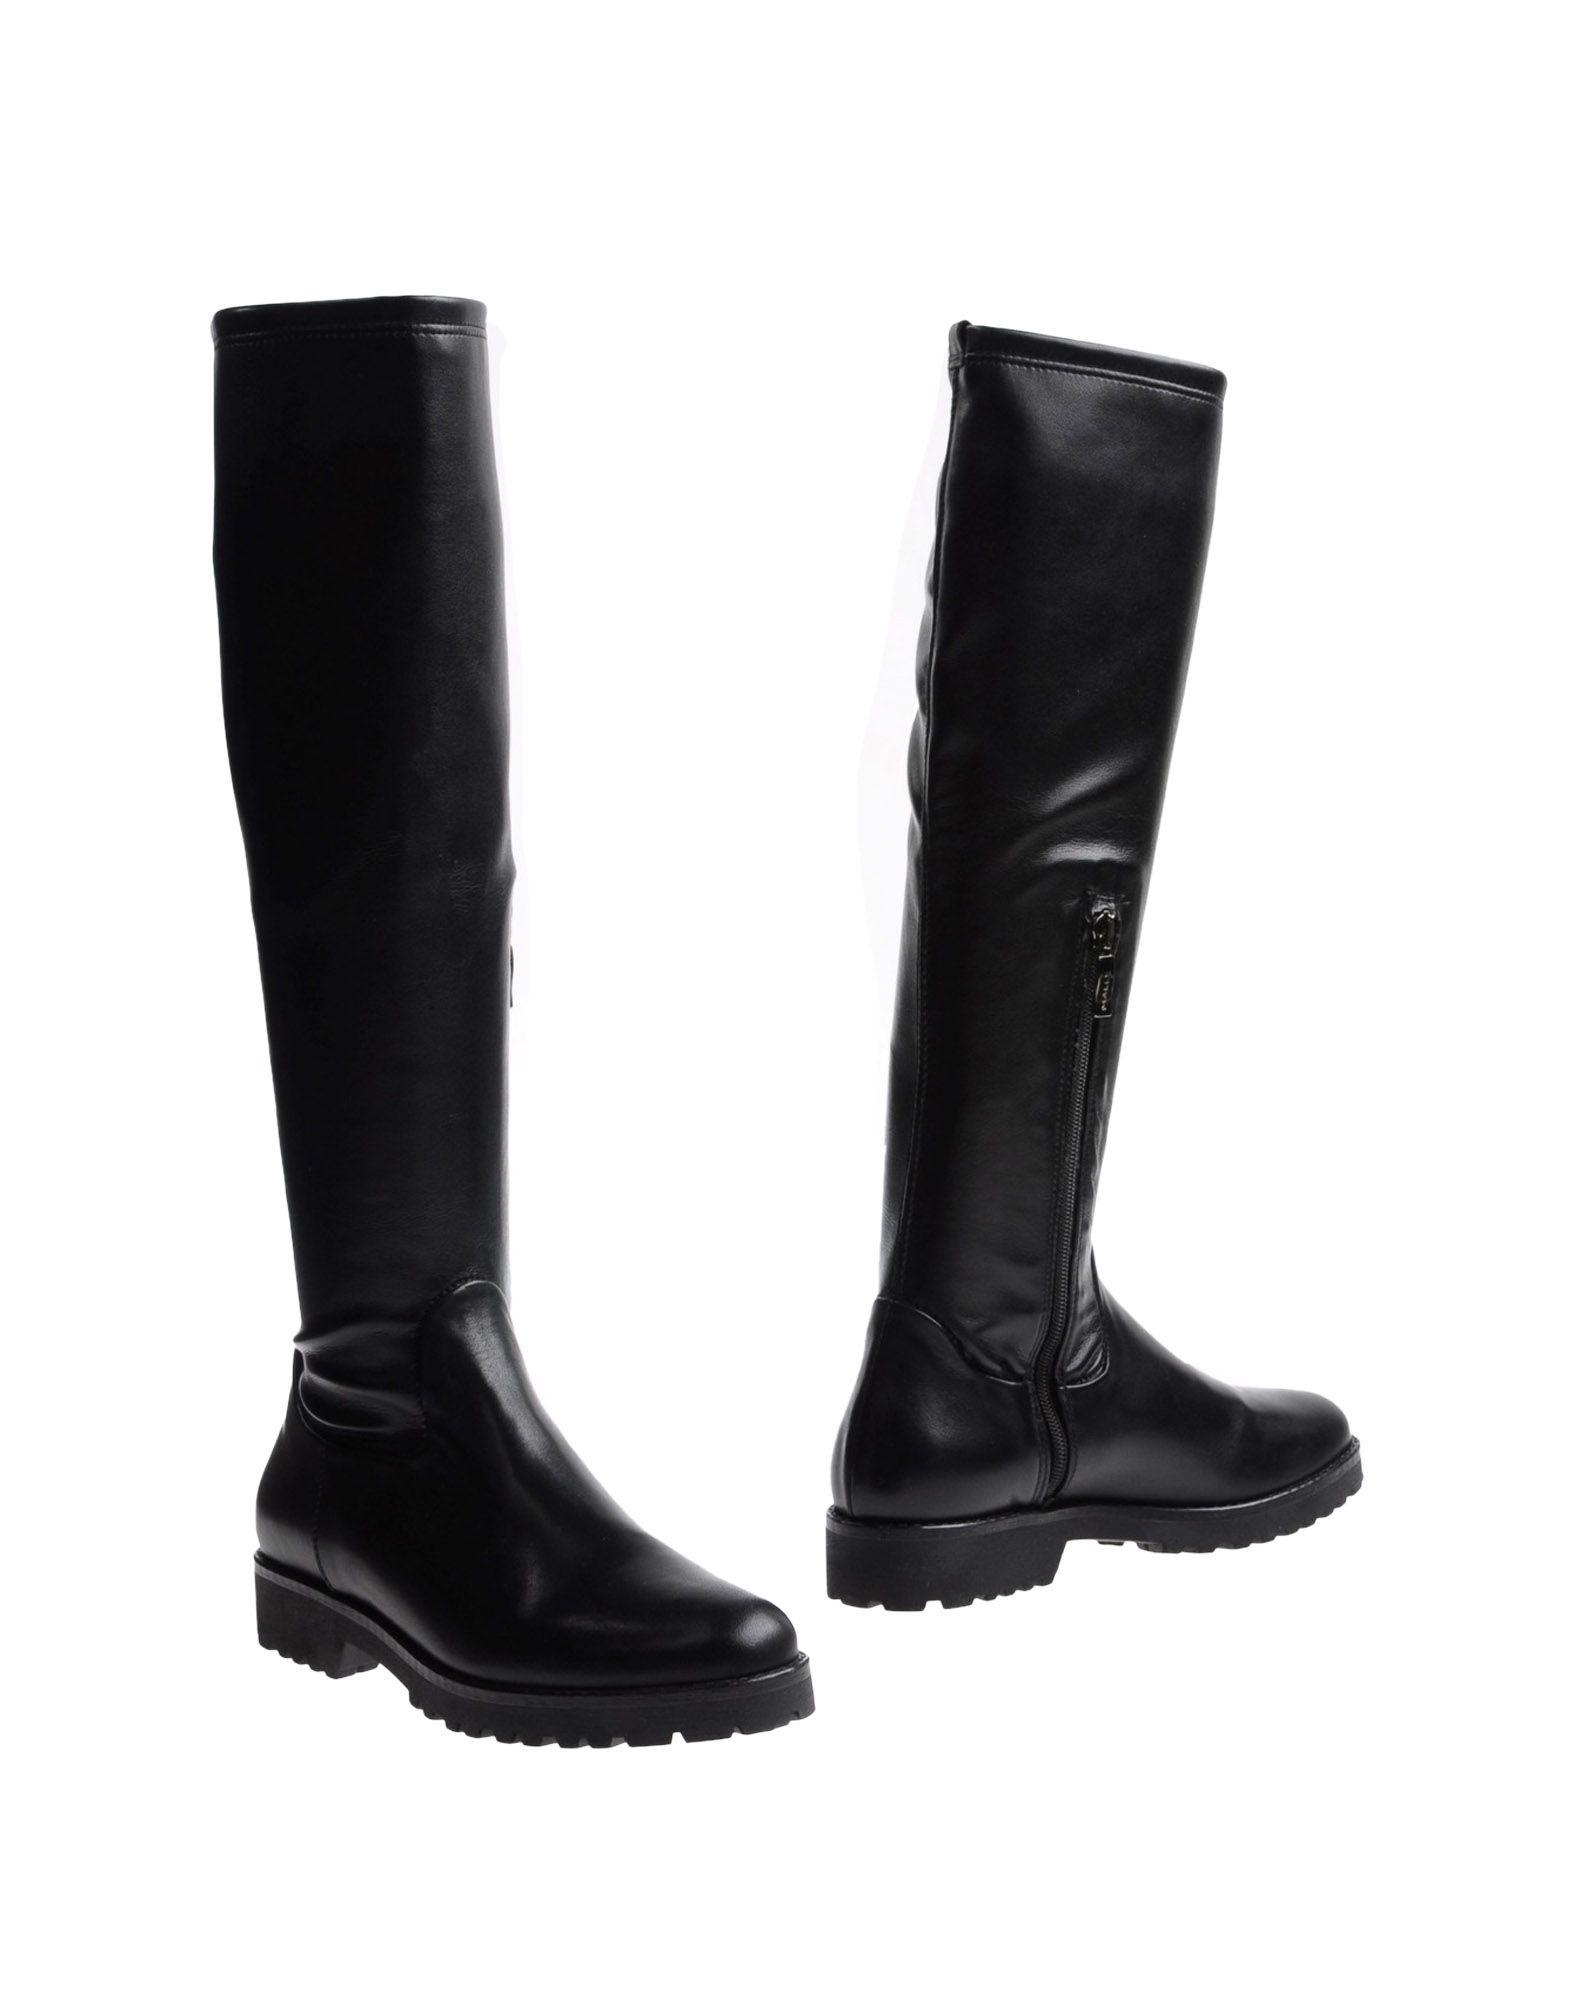 Mally Stiefel Damen  11311593QK Schuhe Gute Qualität beliebte Schuhe 11311593QK 9a36b4